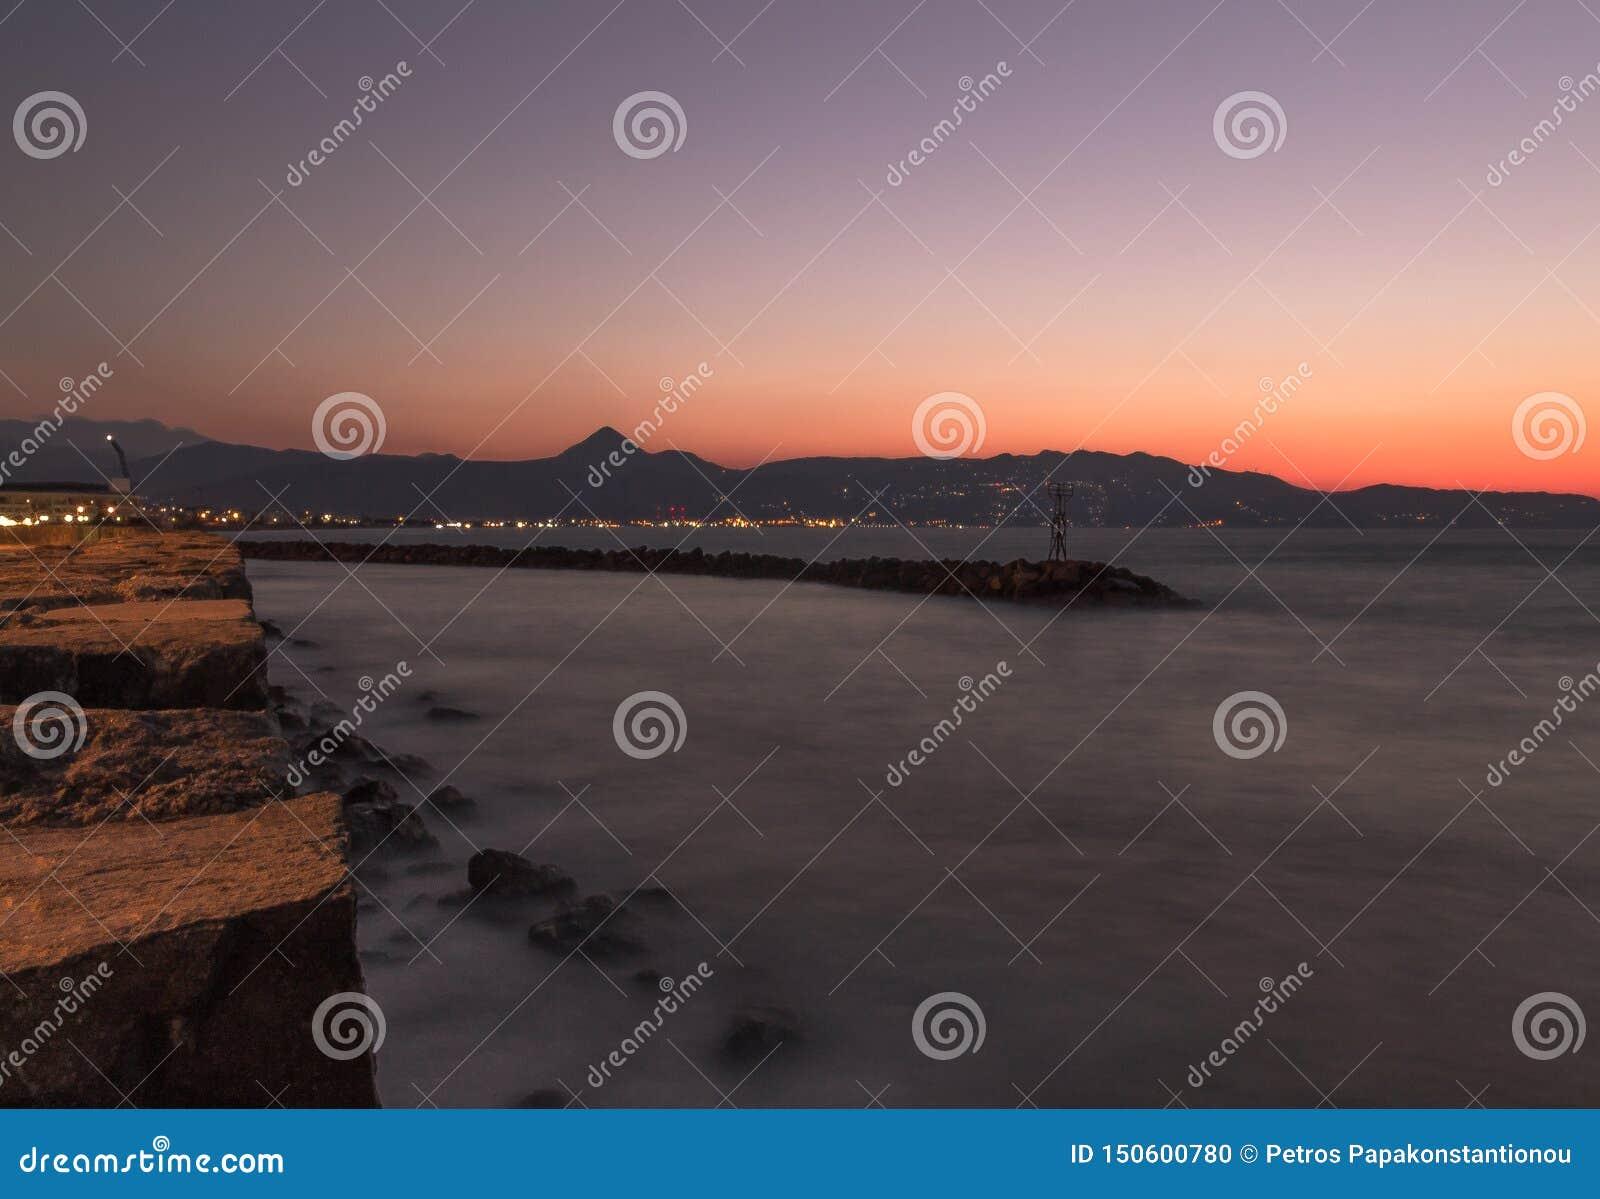 Långt exponeringsfoto av den gamla observatoriet för heraklion kust på kanten av havssolnedgångfärgerna som bakgrund